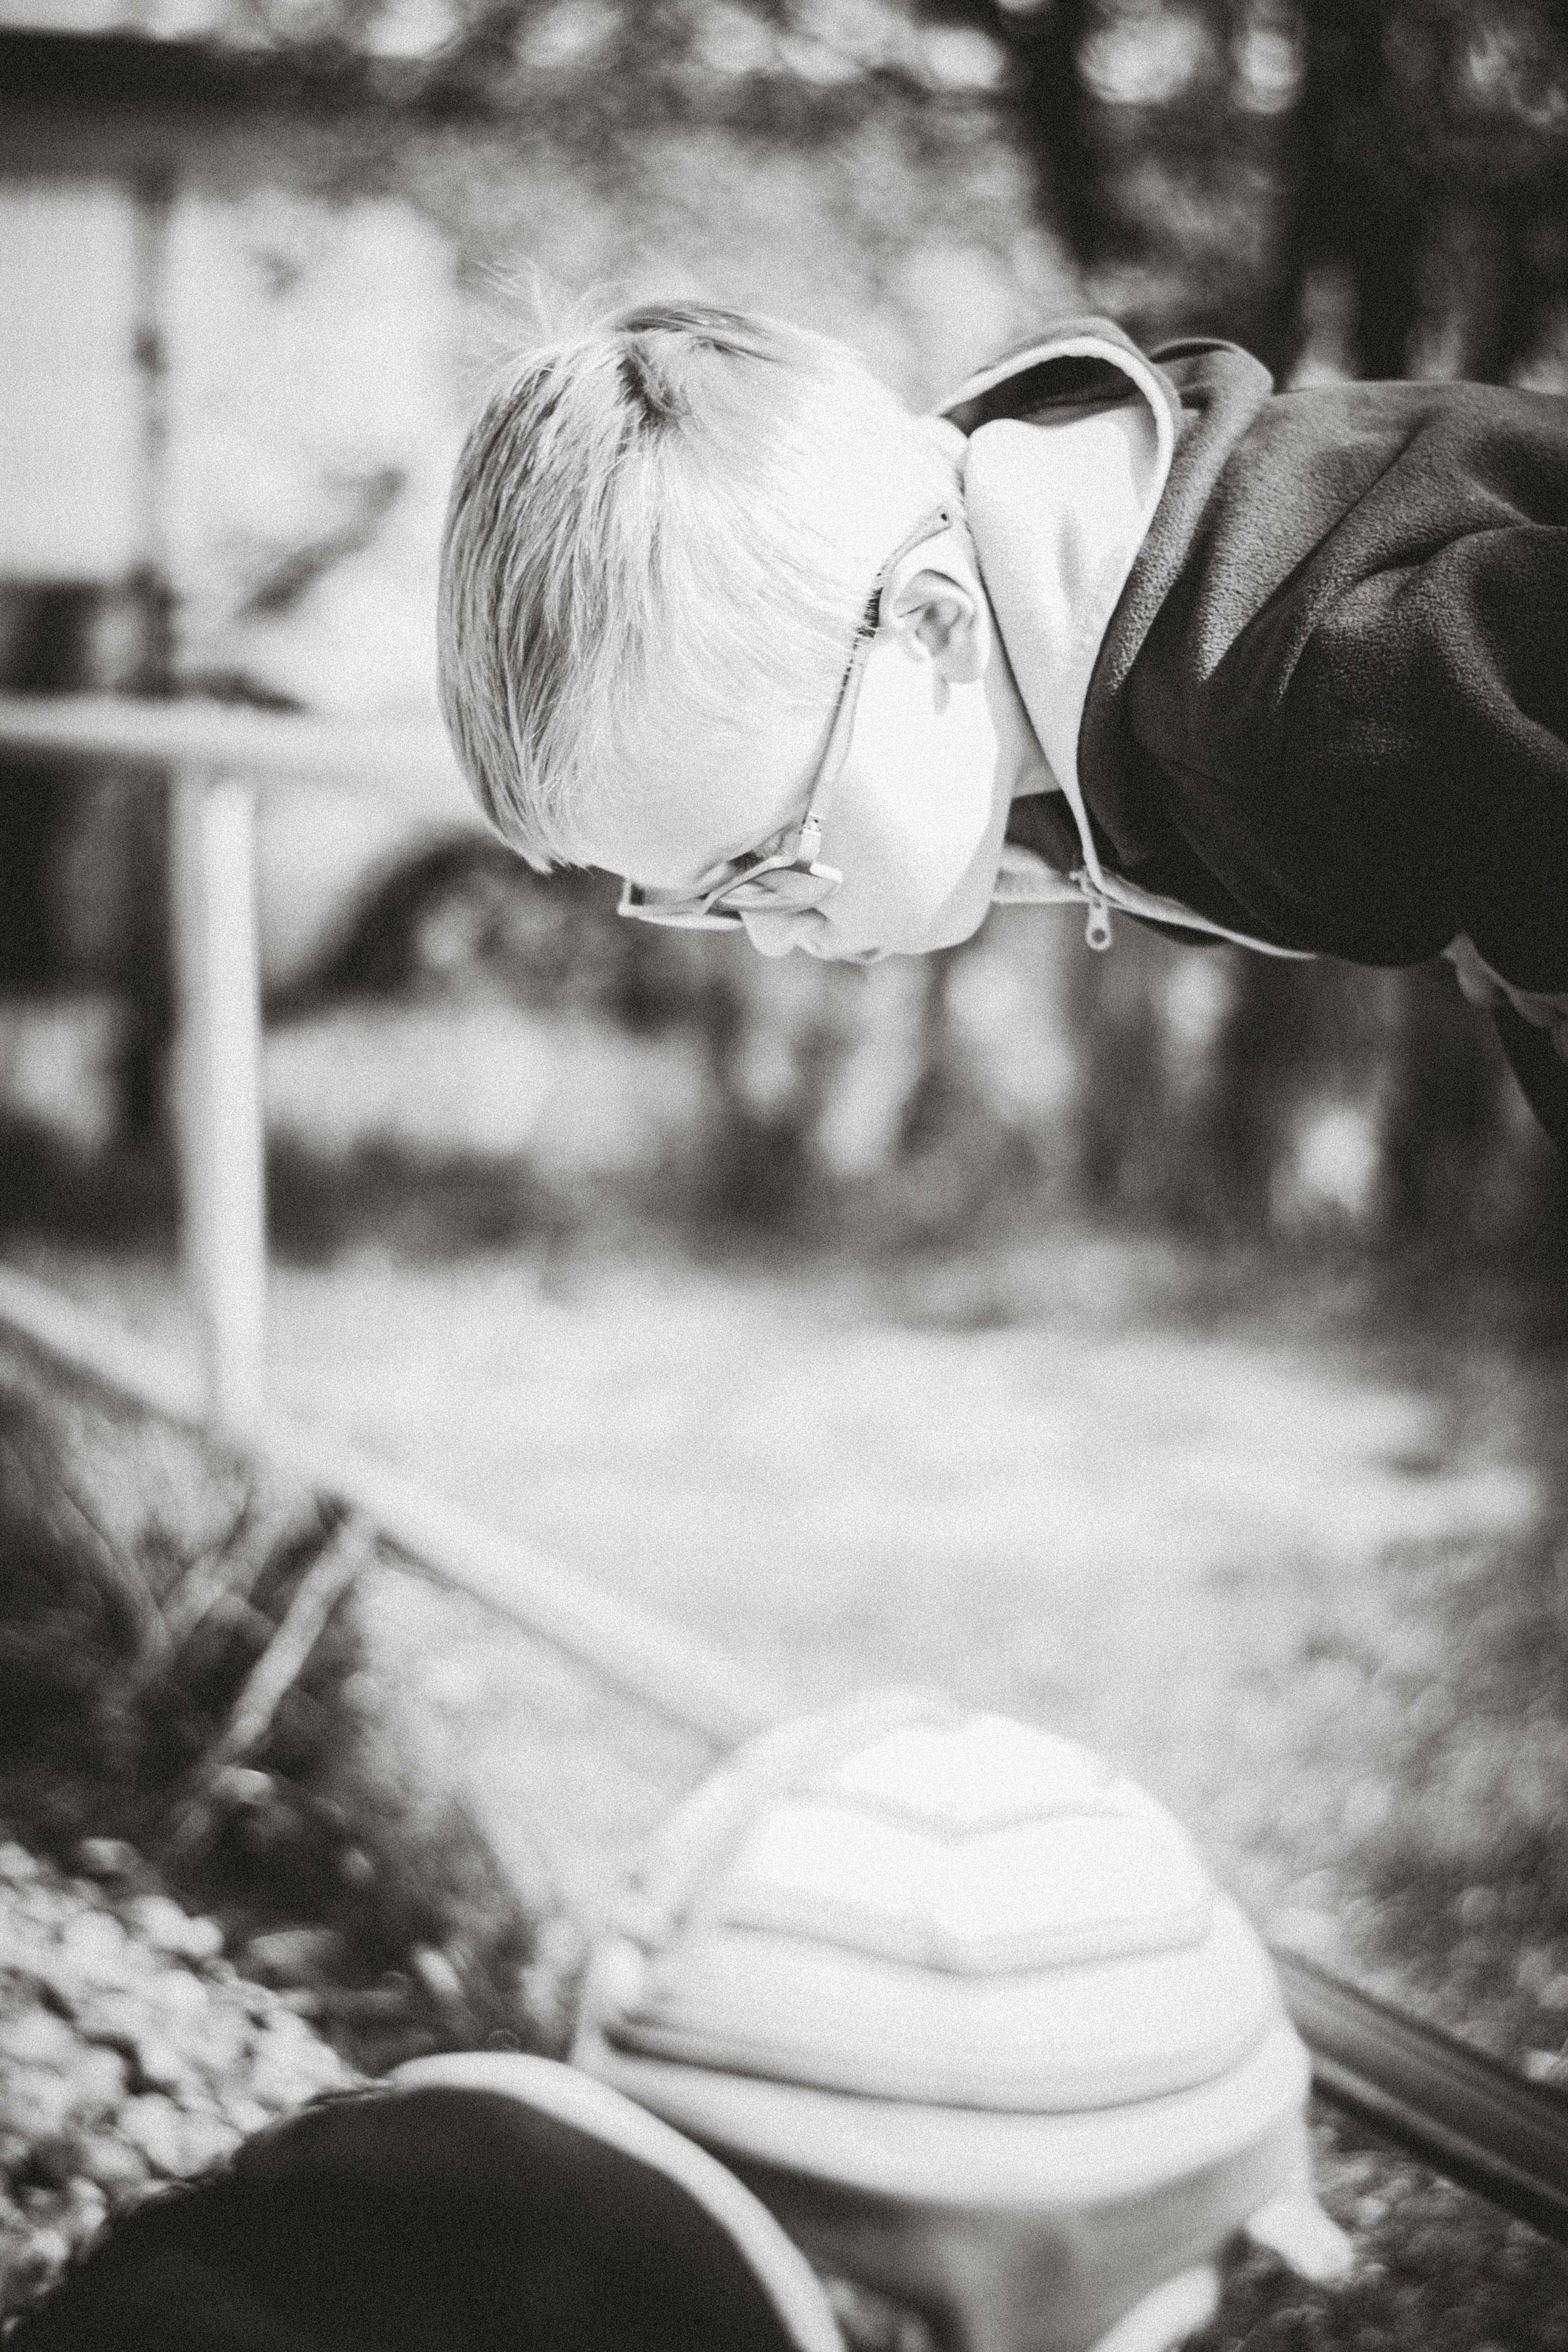 sesja-plenerowa-wroclaw-maslice-okonasznurku (10)